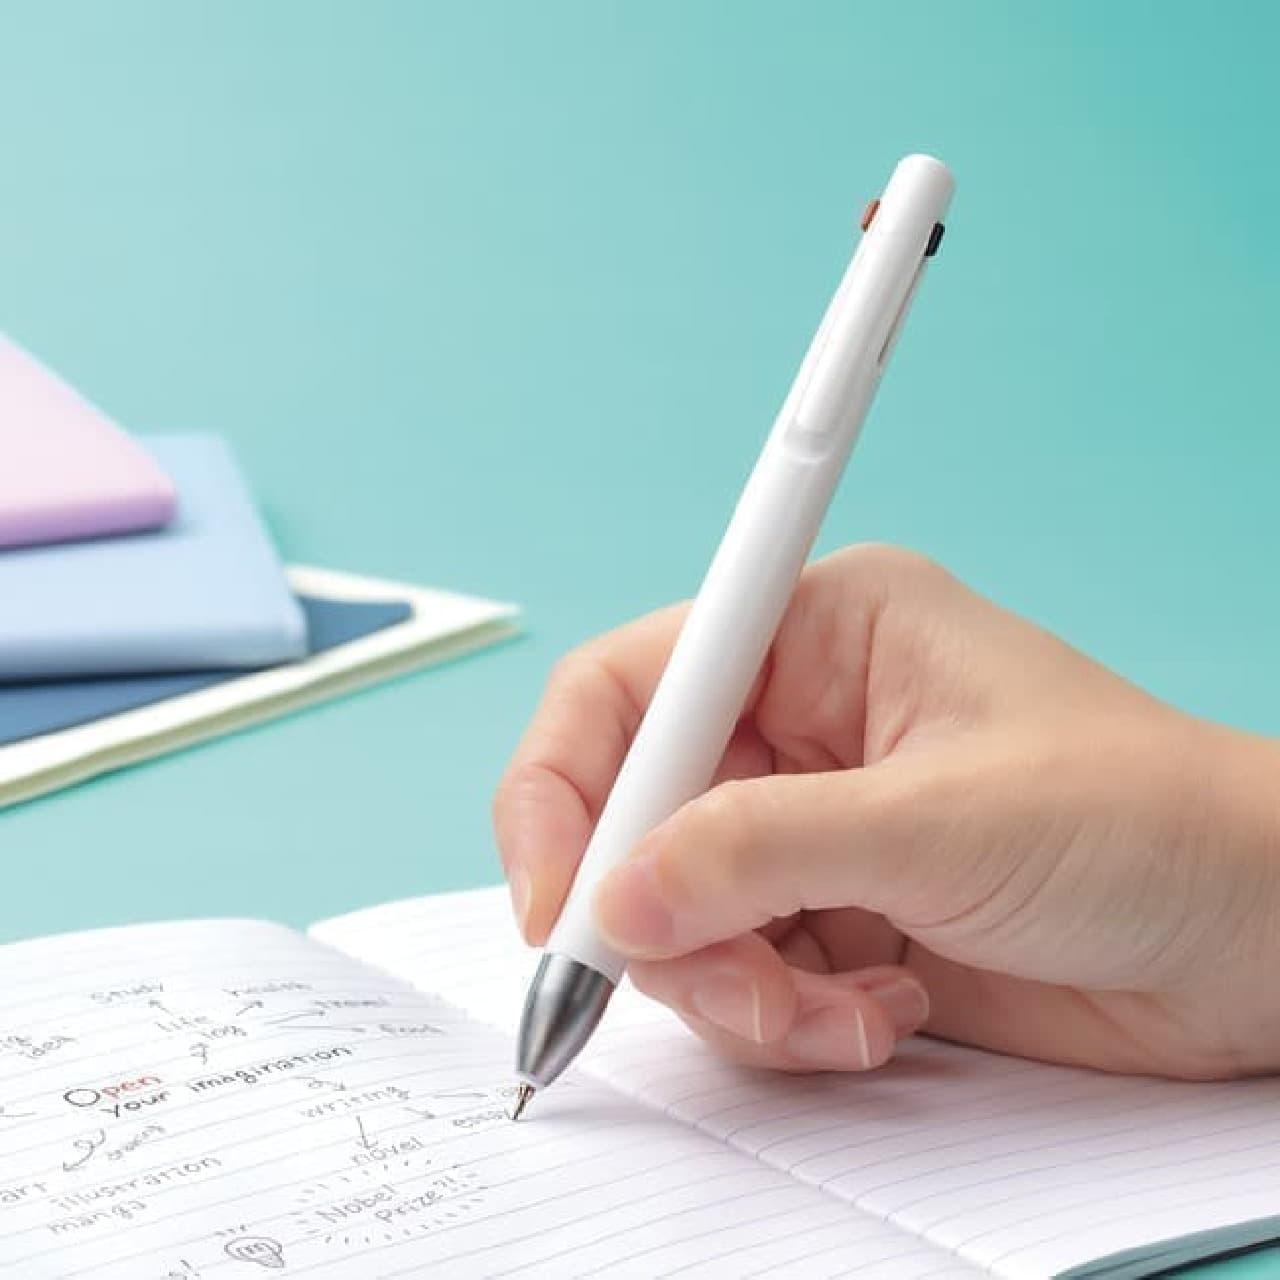 ゼブラ「ブレン」新色ミントグリーンなど4種 -- ブレないストレスフリーなボールペン